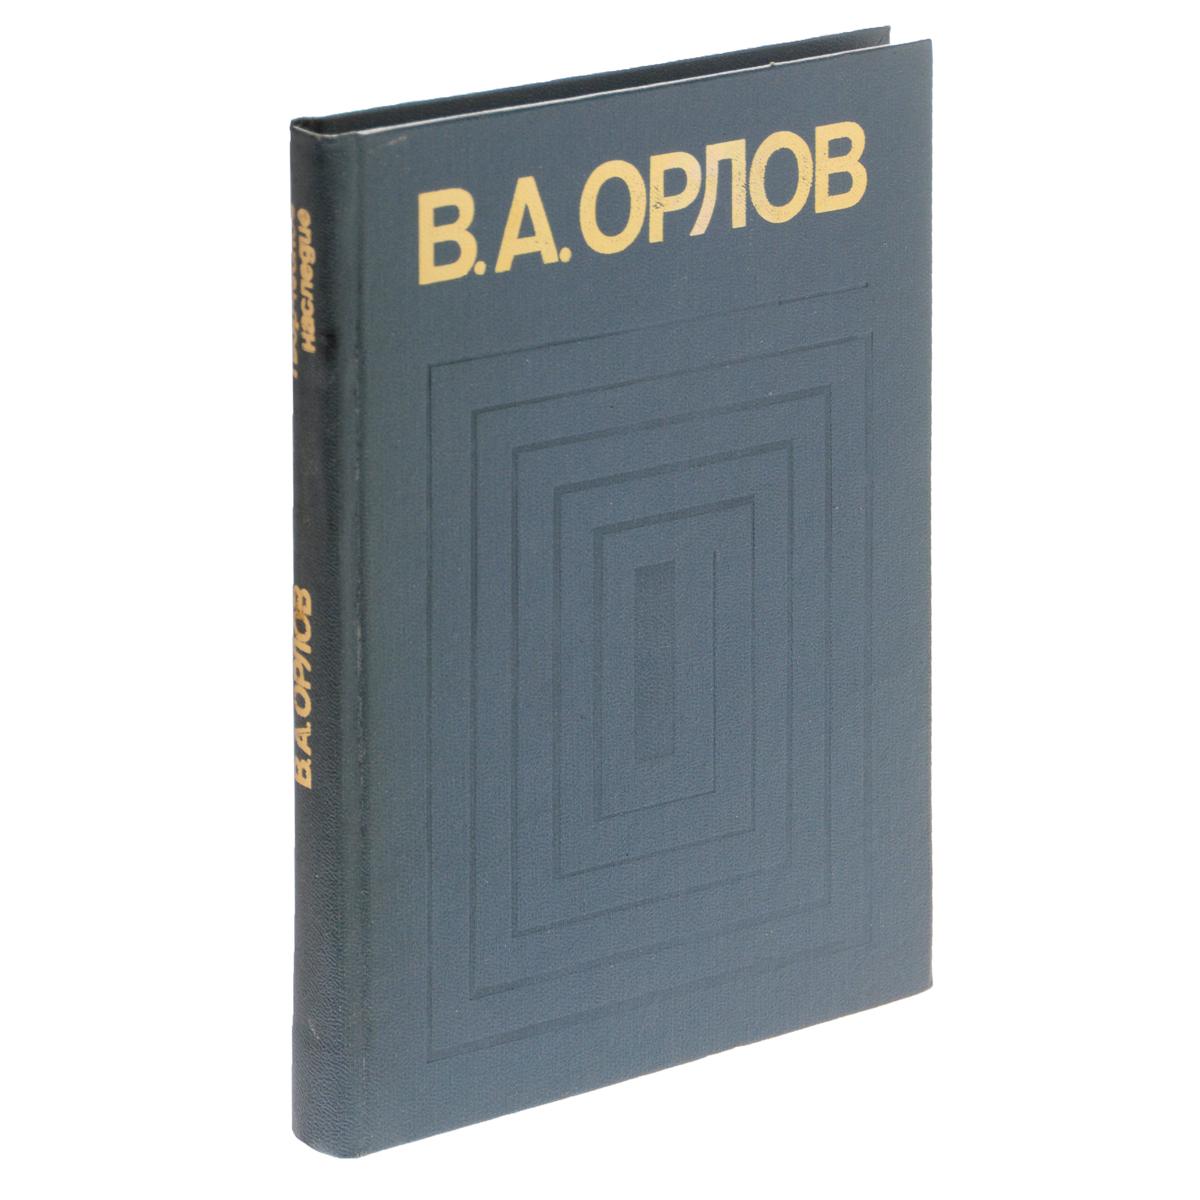 В. А. Орлов. Творческое наследие